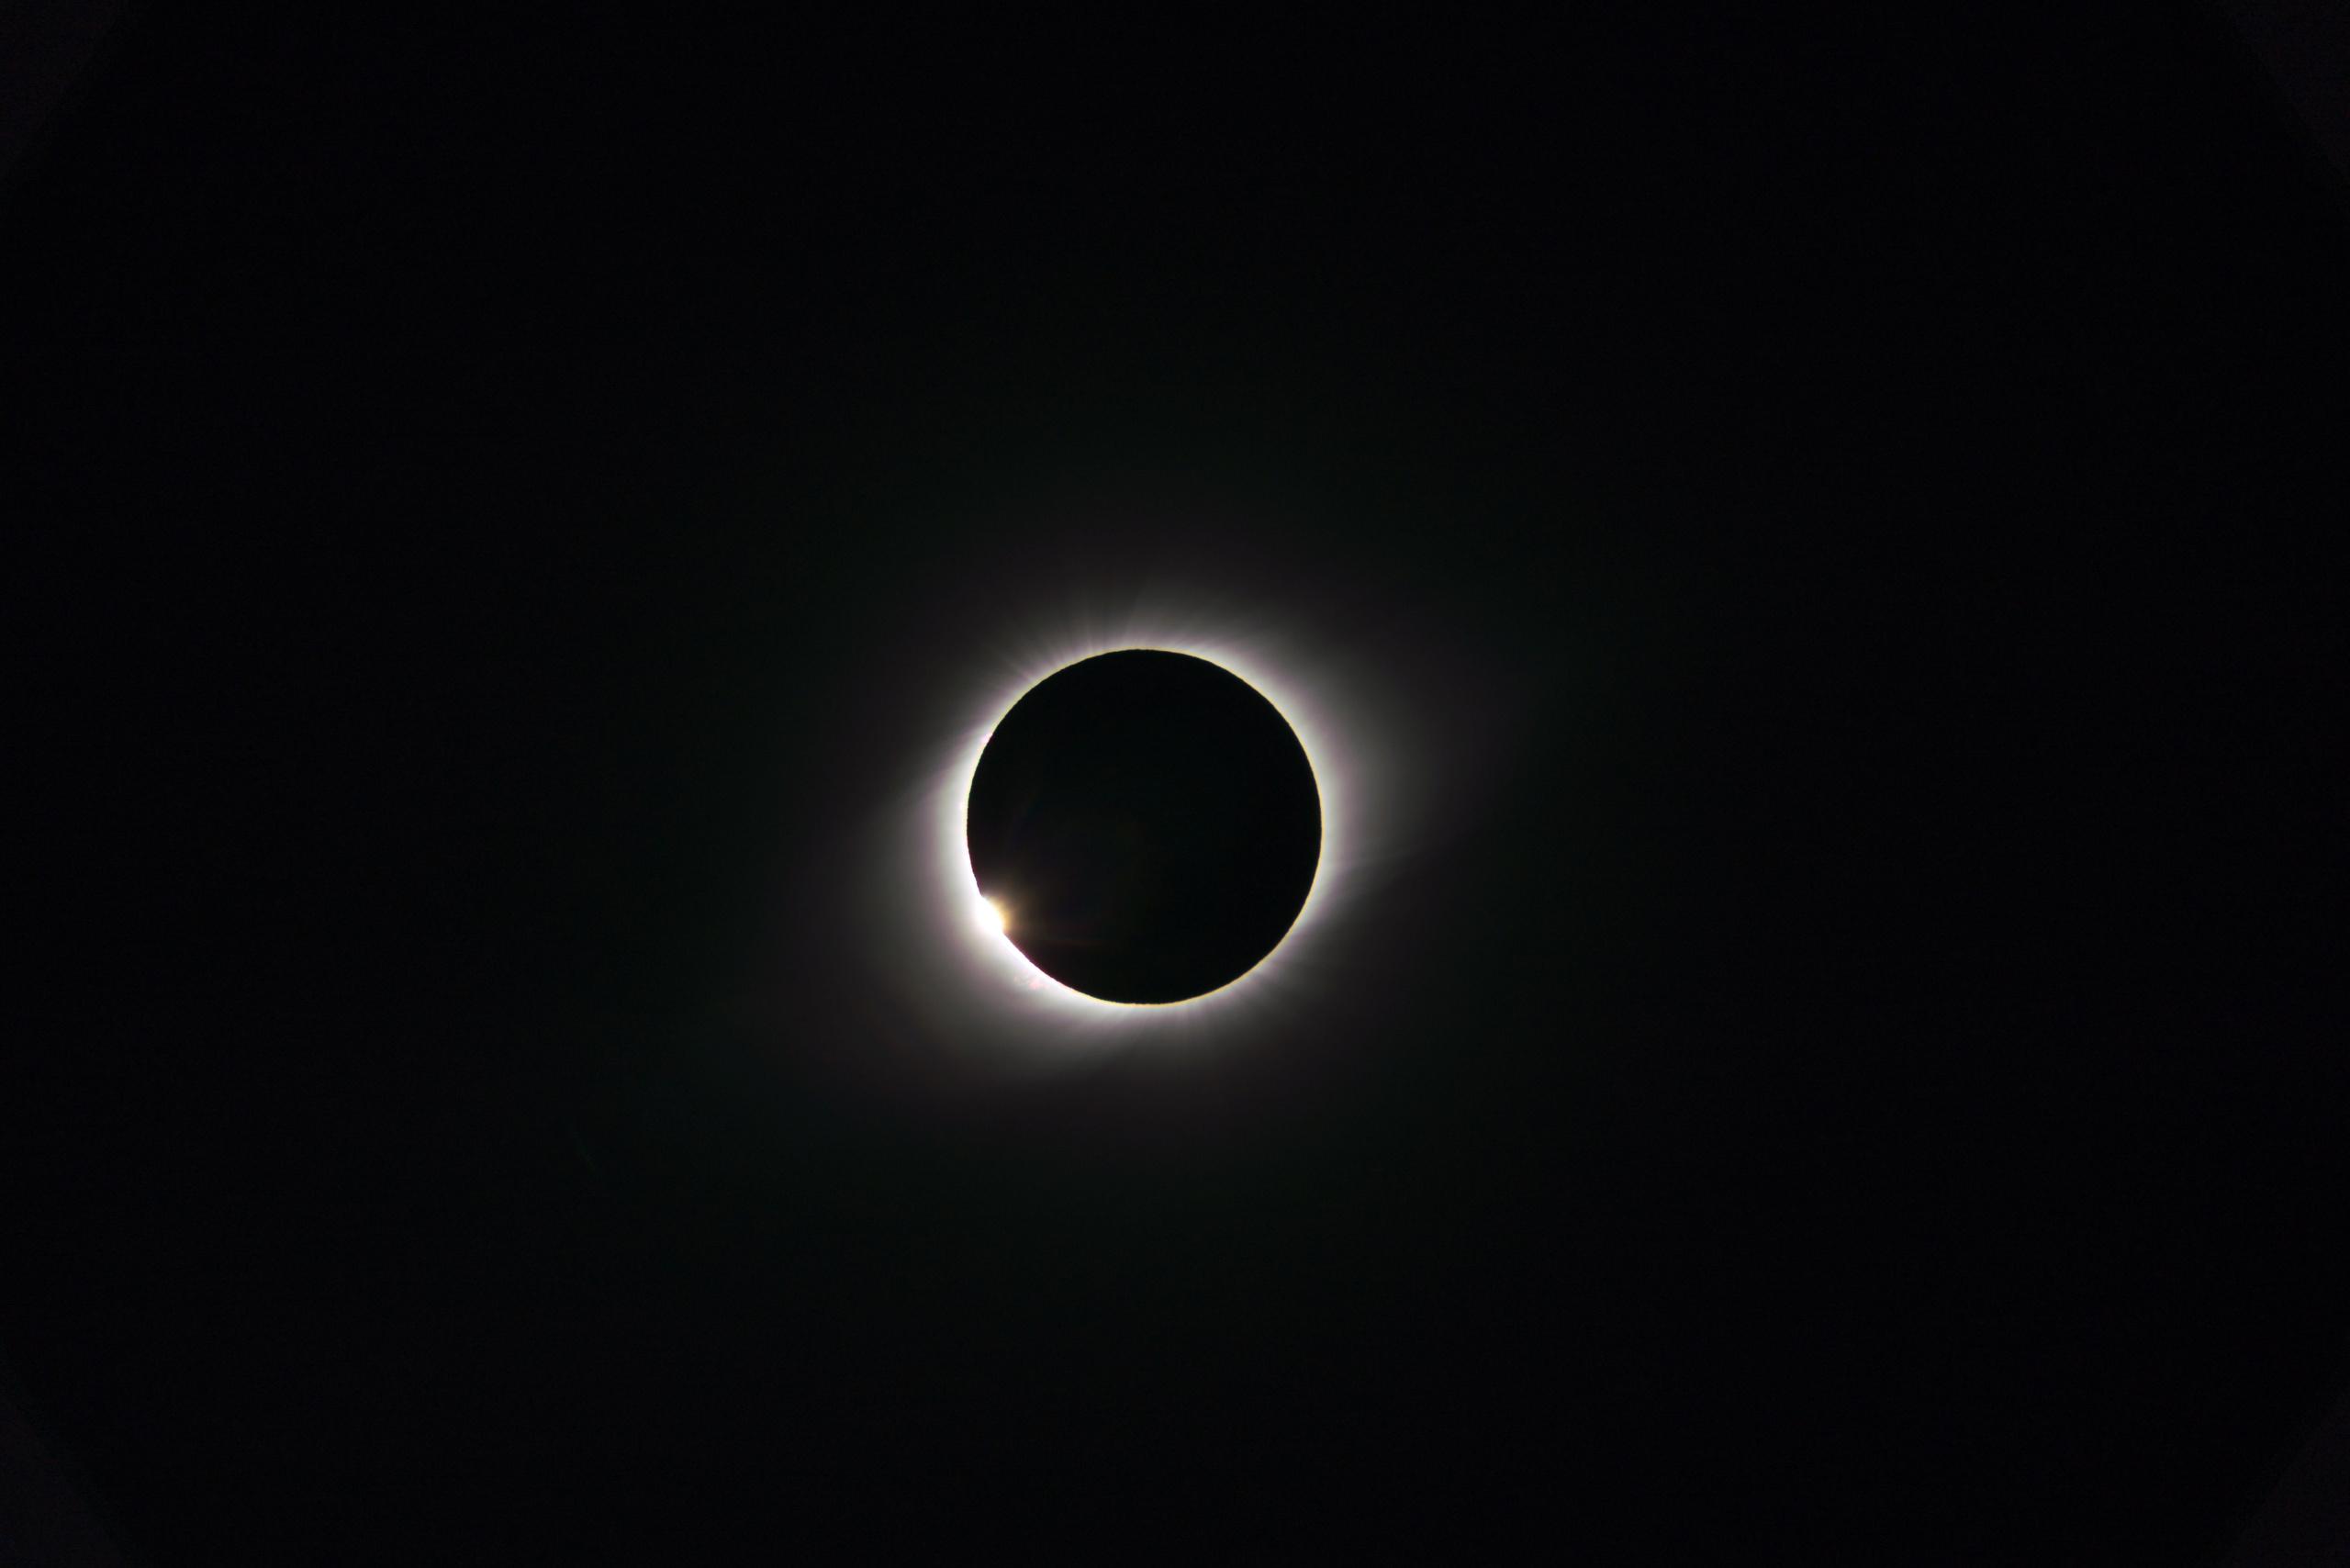 Eclipse de Soleil au Chili - 2 Juillet 2019  - Page 2 Dsc05710